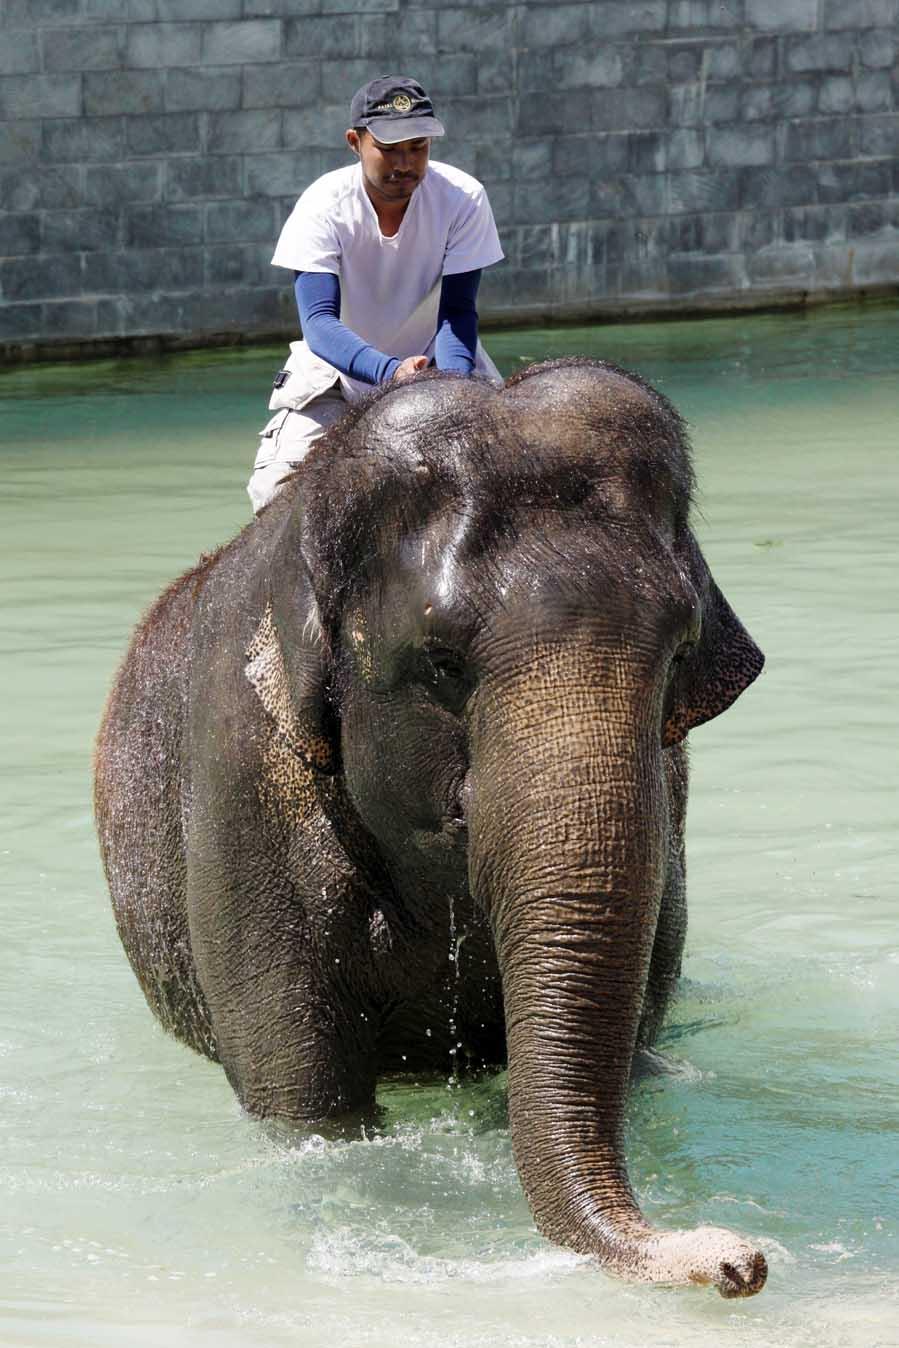 Badende olifanten in Pairi Daiza - Het koninkrijk van Ganesha - AllinMam.com